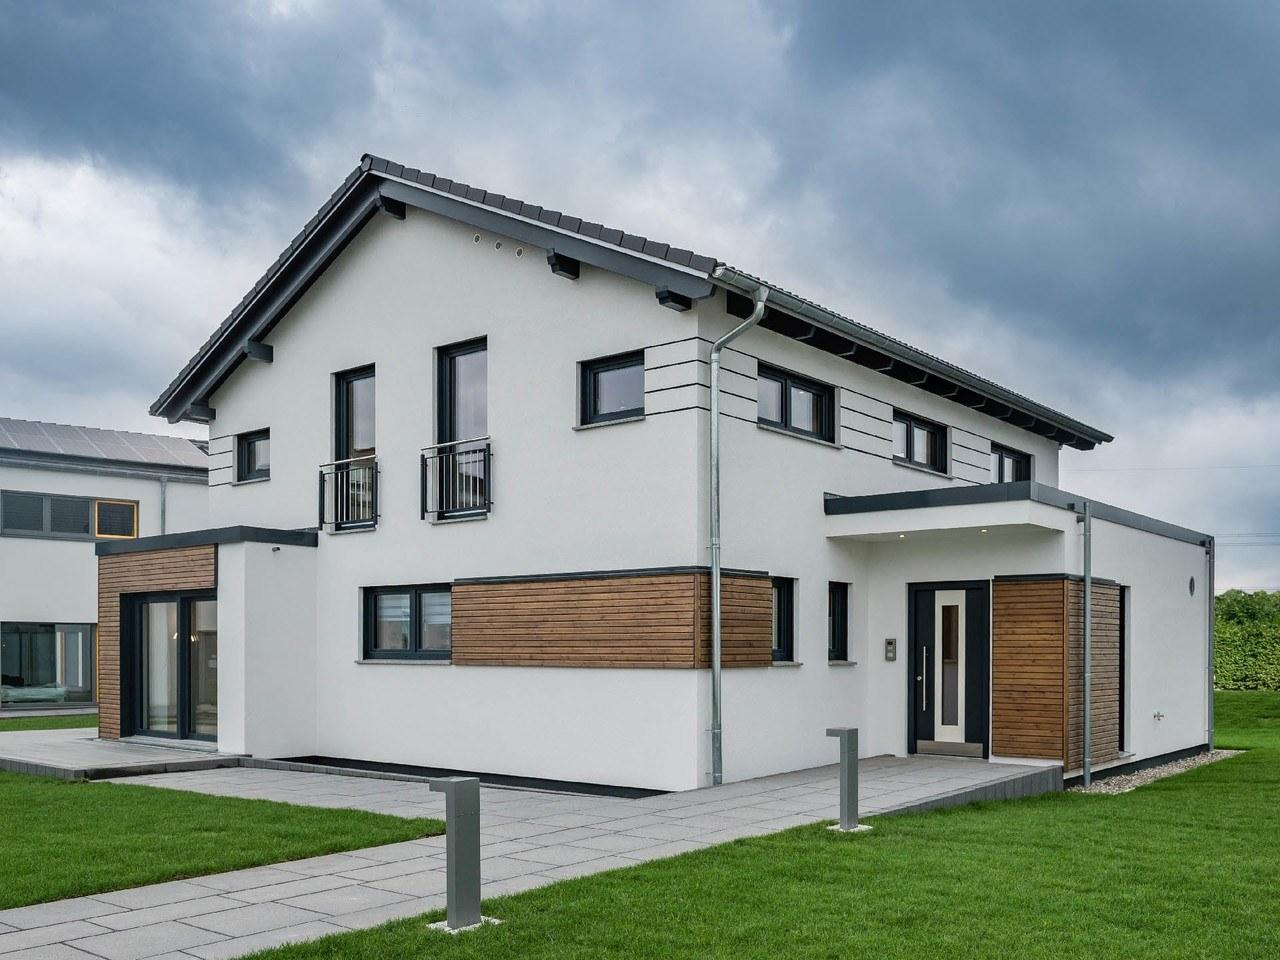 Musterhaus Modena - RENSCH-HAUS